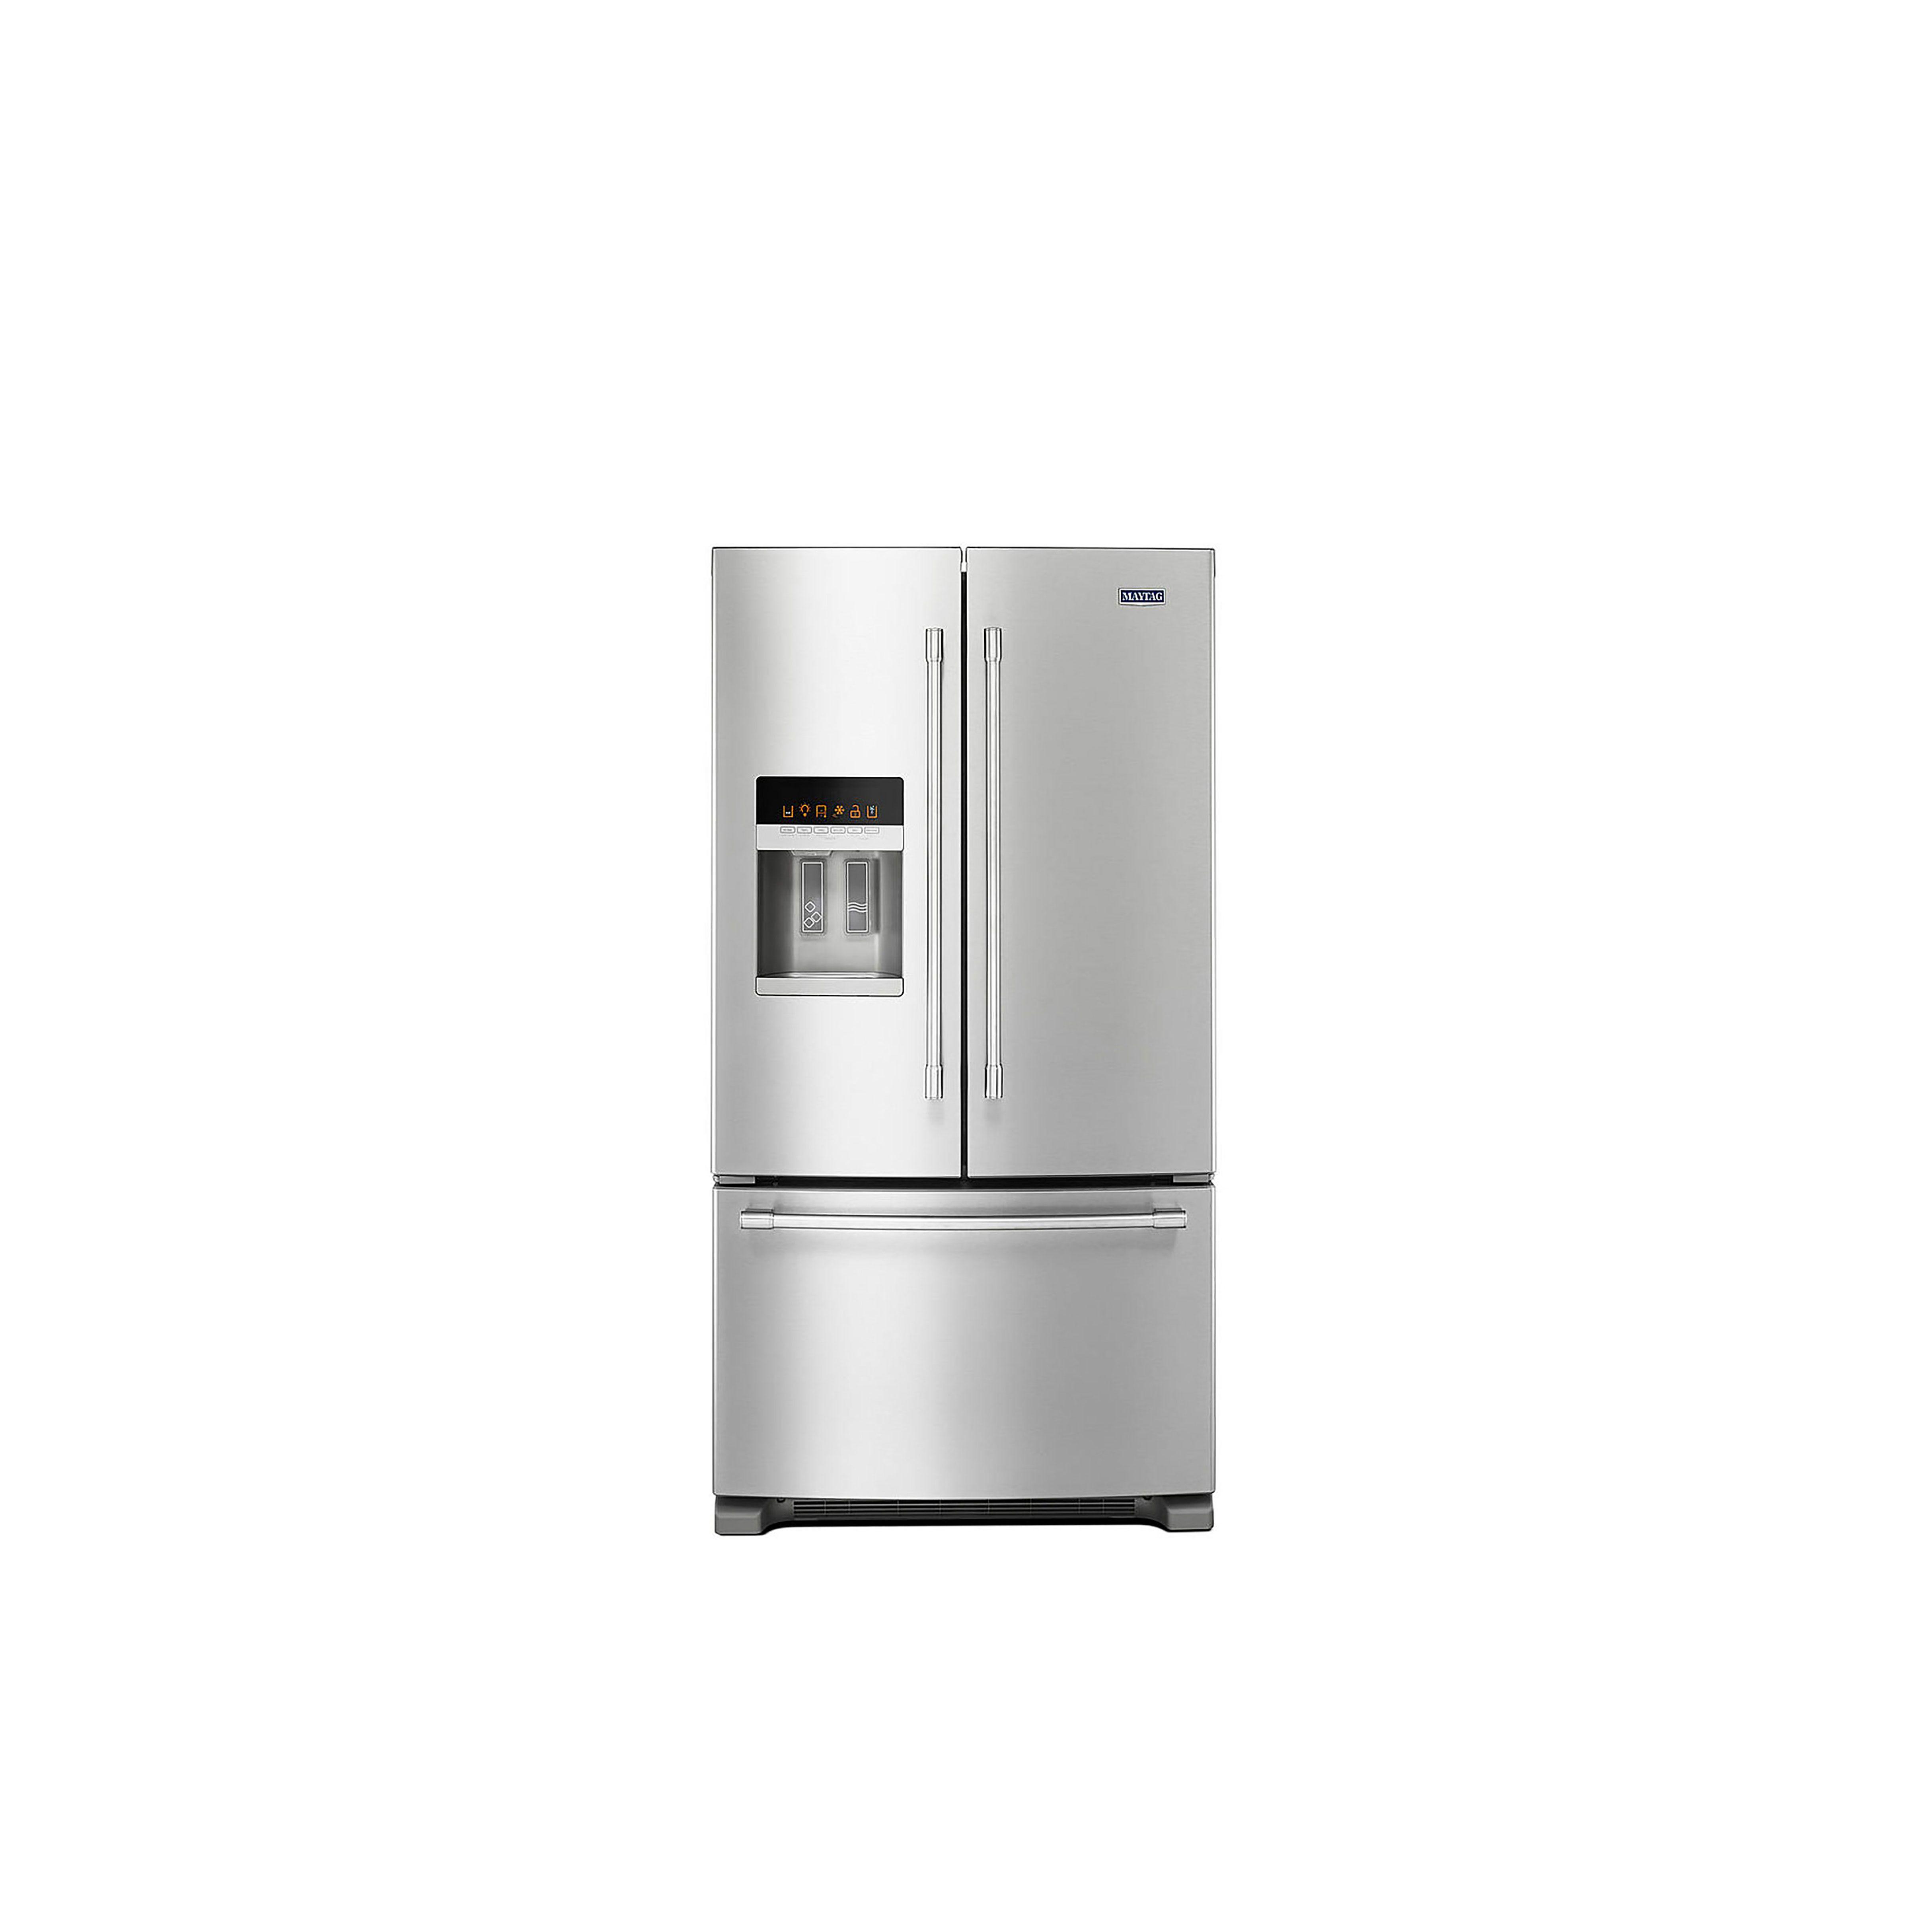 Maytag 36-Inch Wide French Door Refrigerator 25 Cu. Ft. MFI2570FEZ01 ...